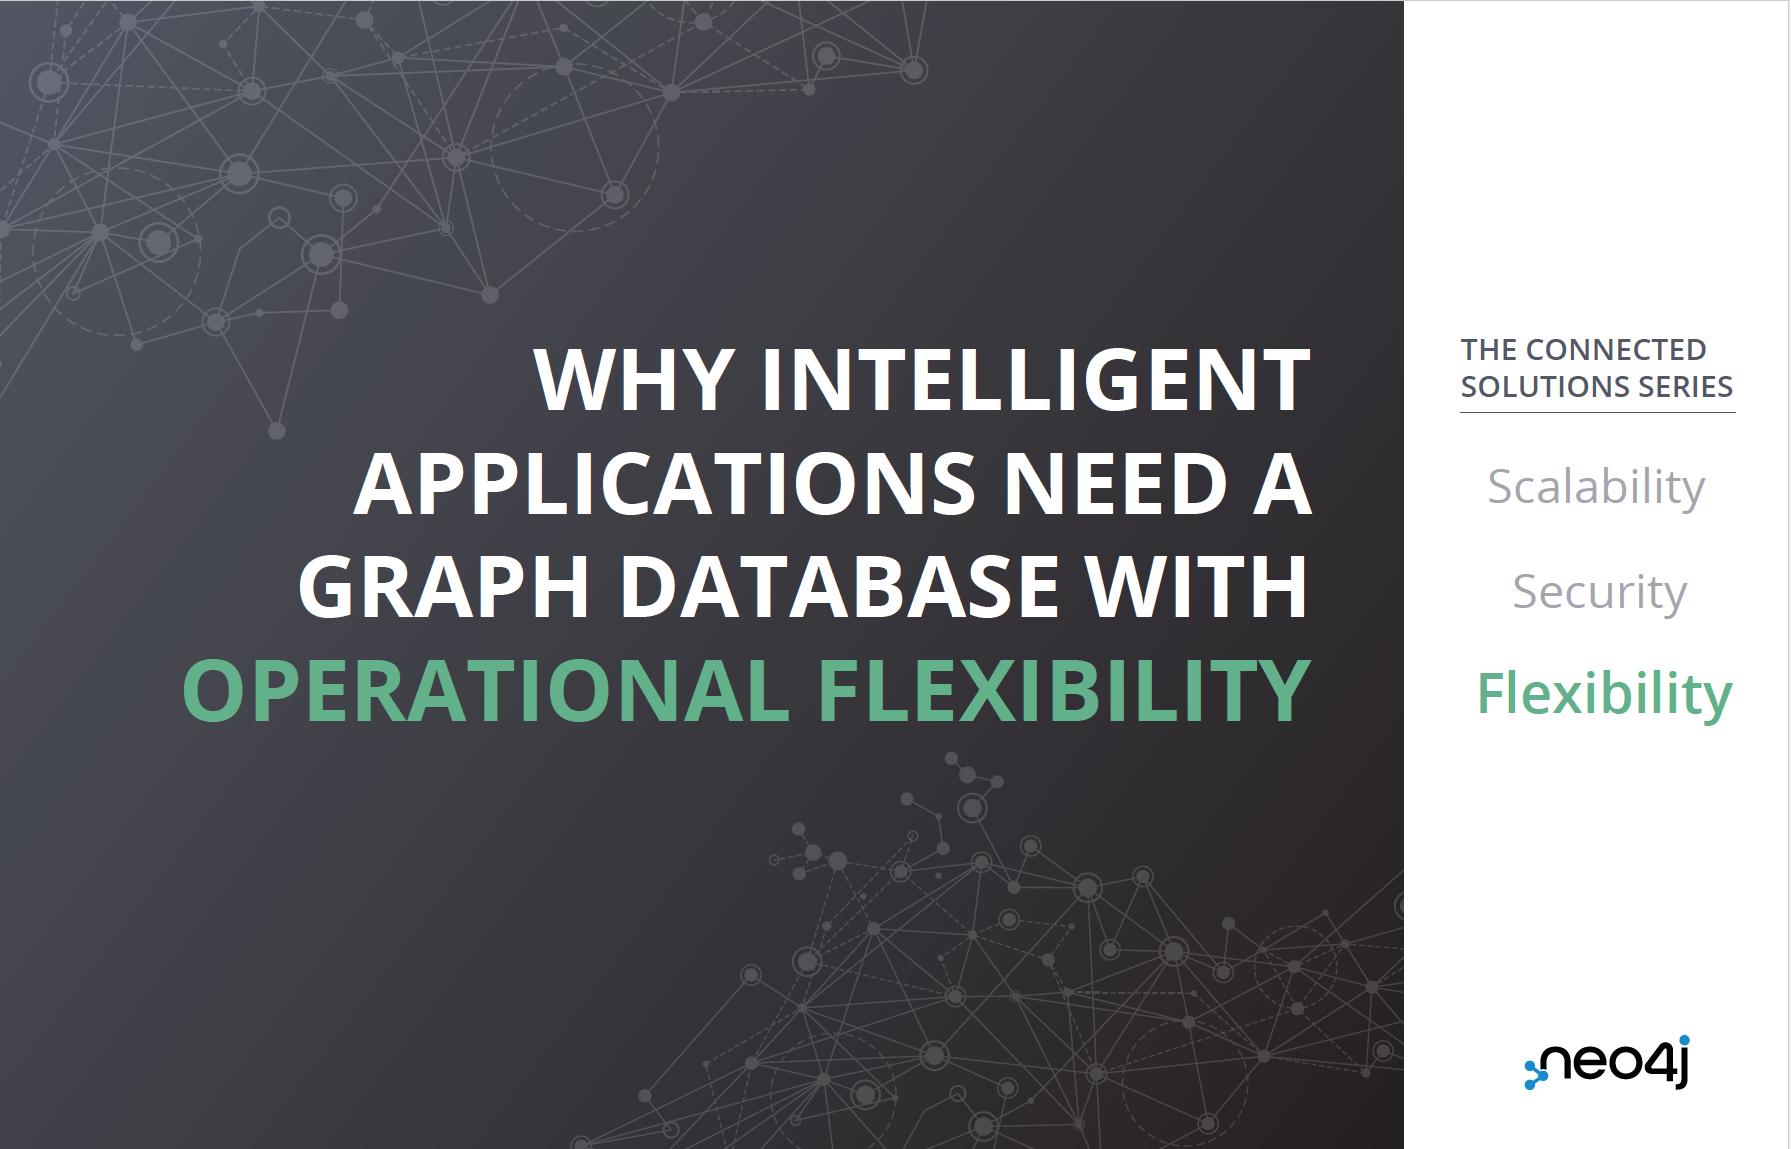 Learn how graph database flexibility allows frictionless development in evolving enterprises.